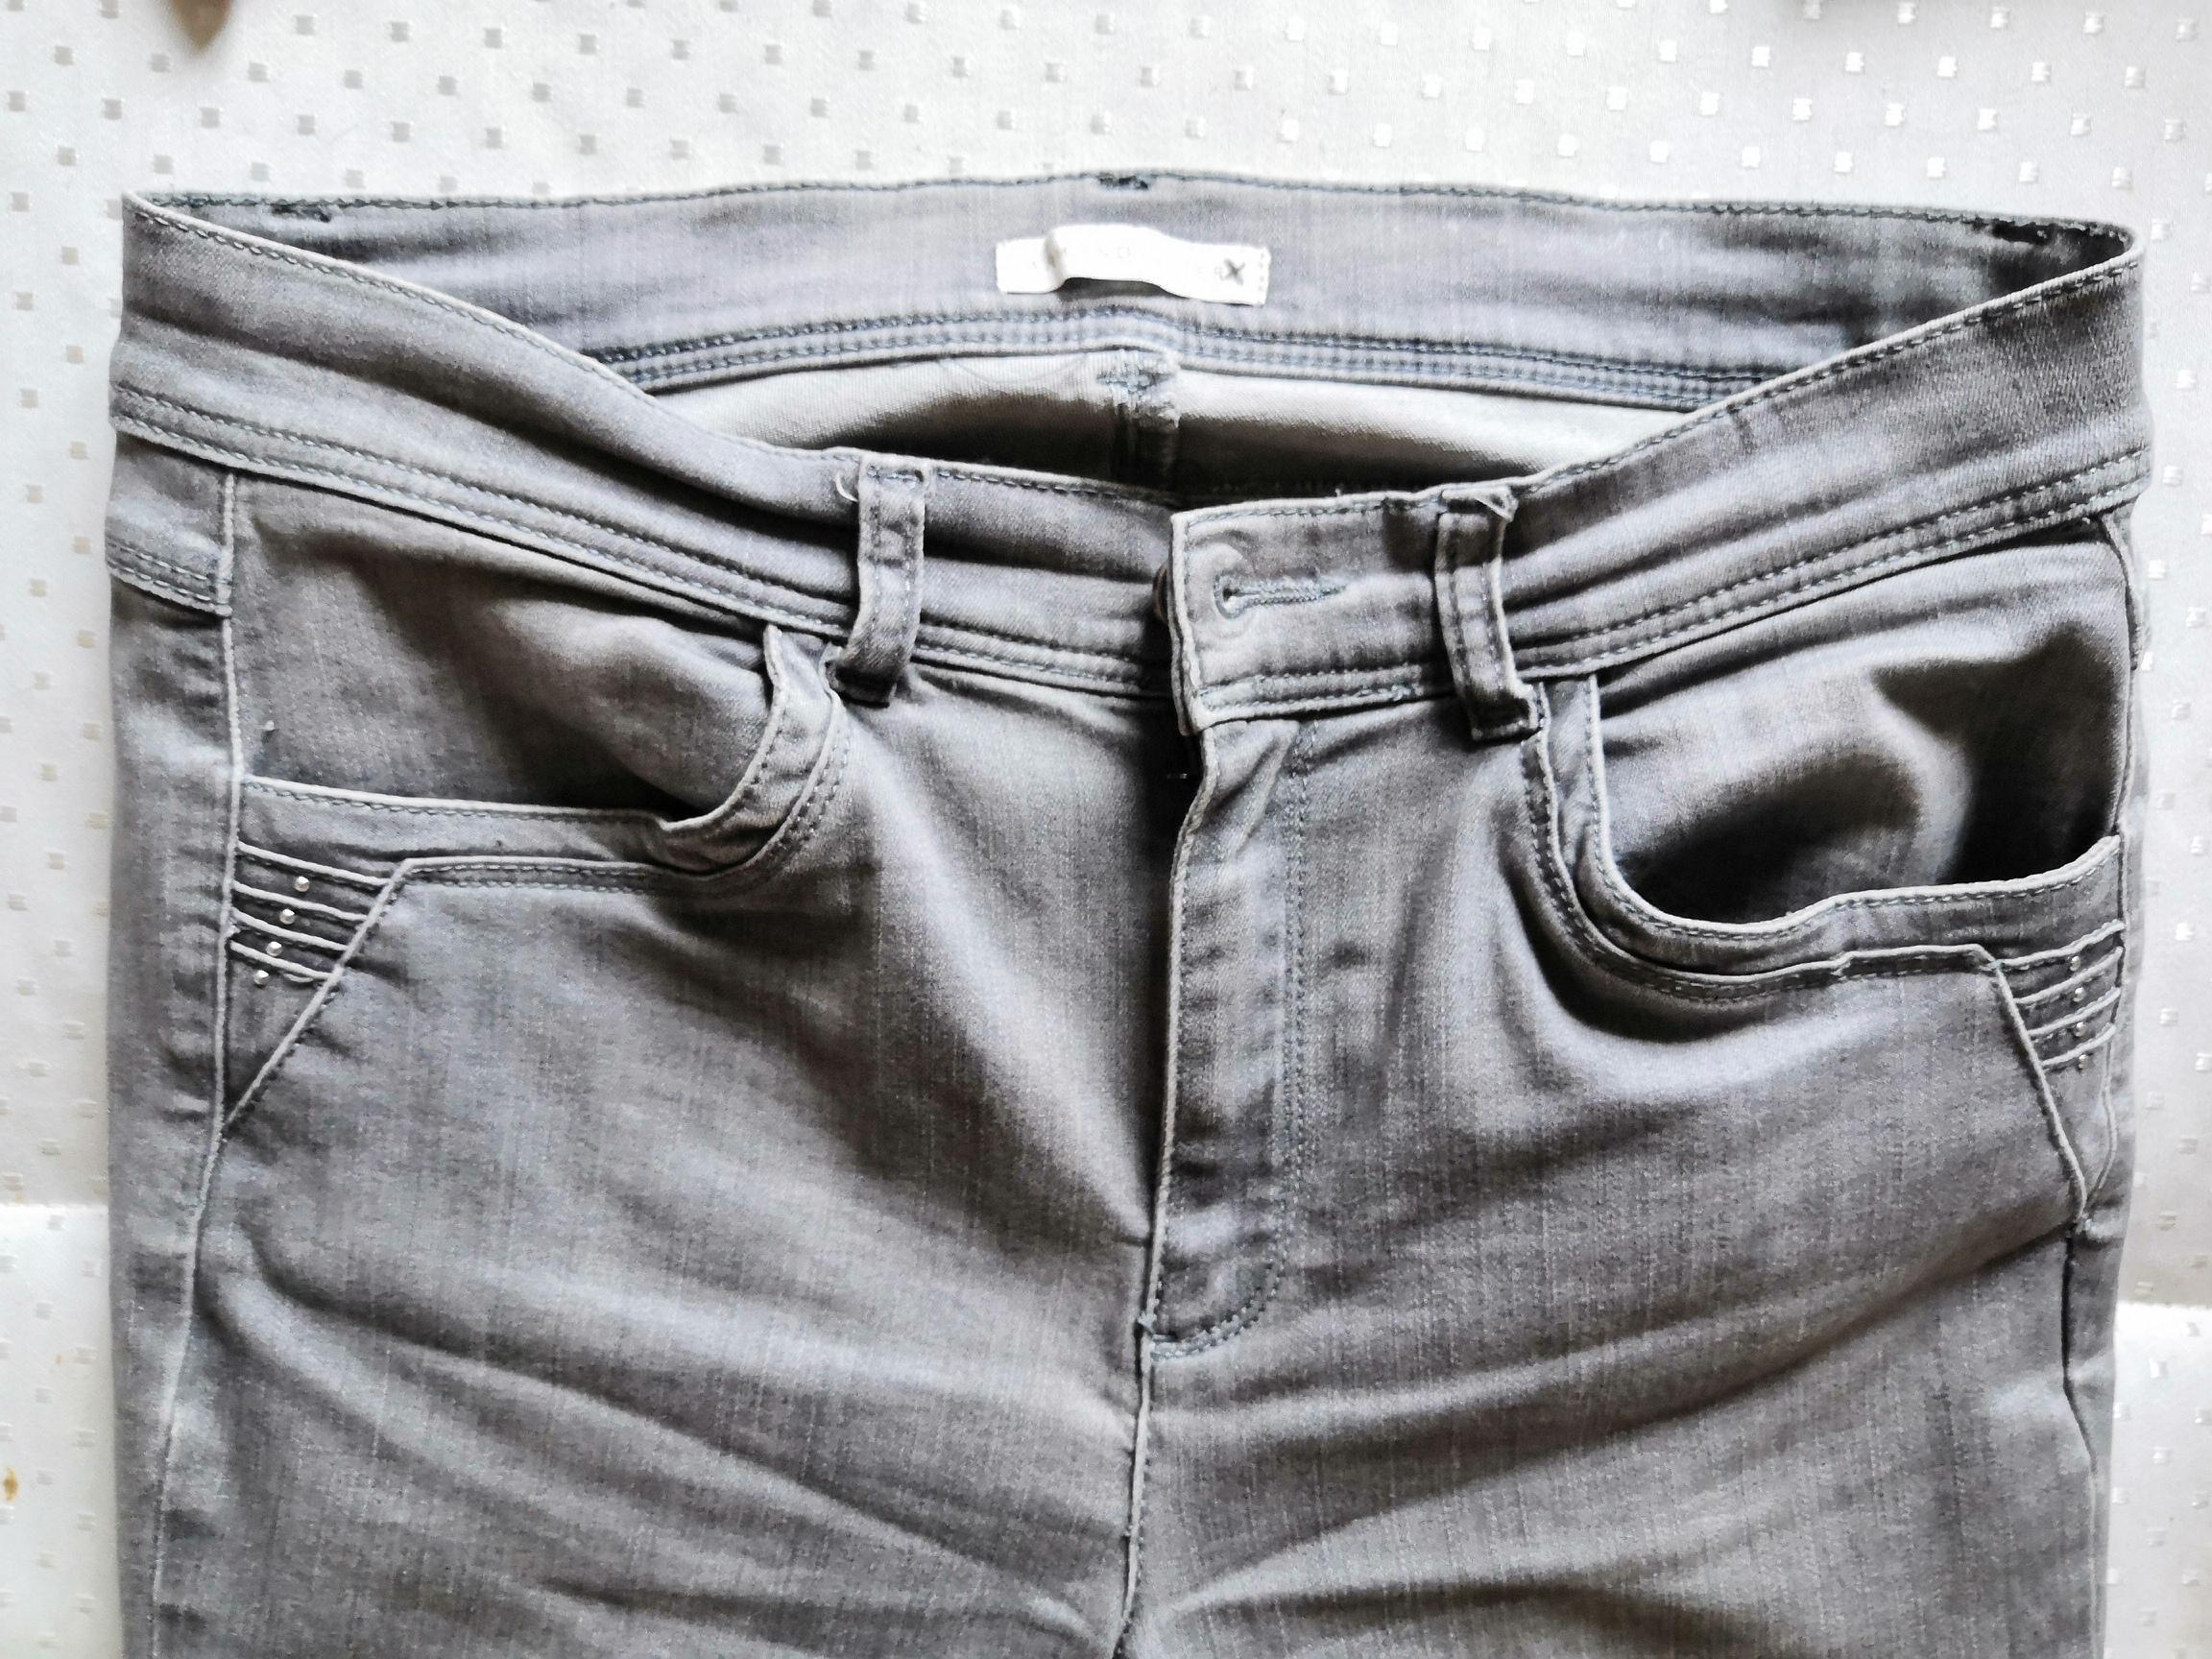 troc de troc pantalon armand thierry taille 40 image 1